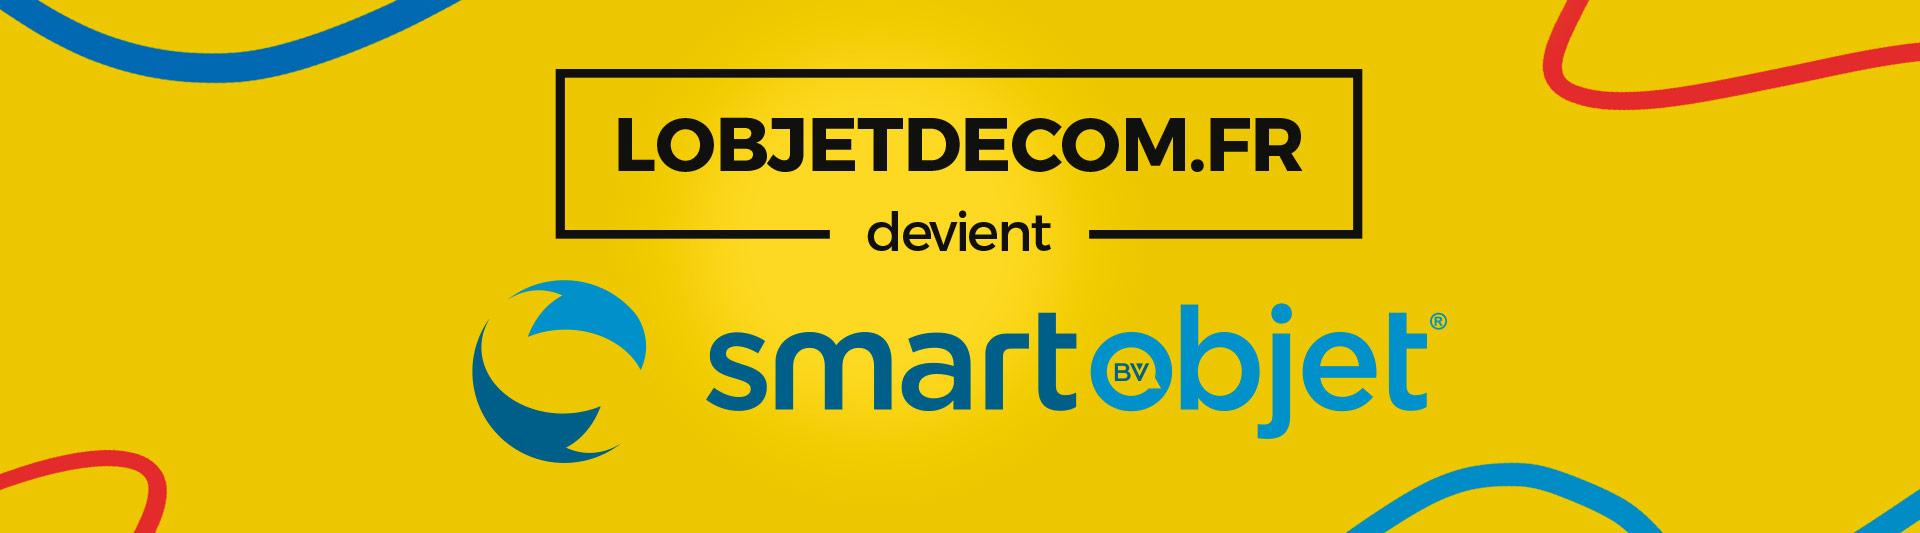 lobjetdecom devient SmartObjet